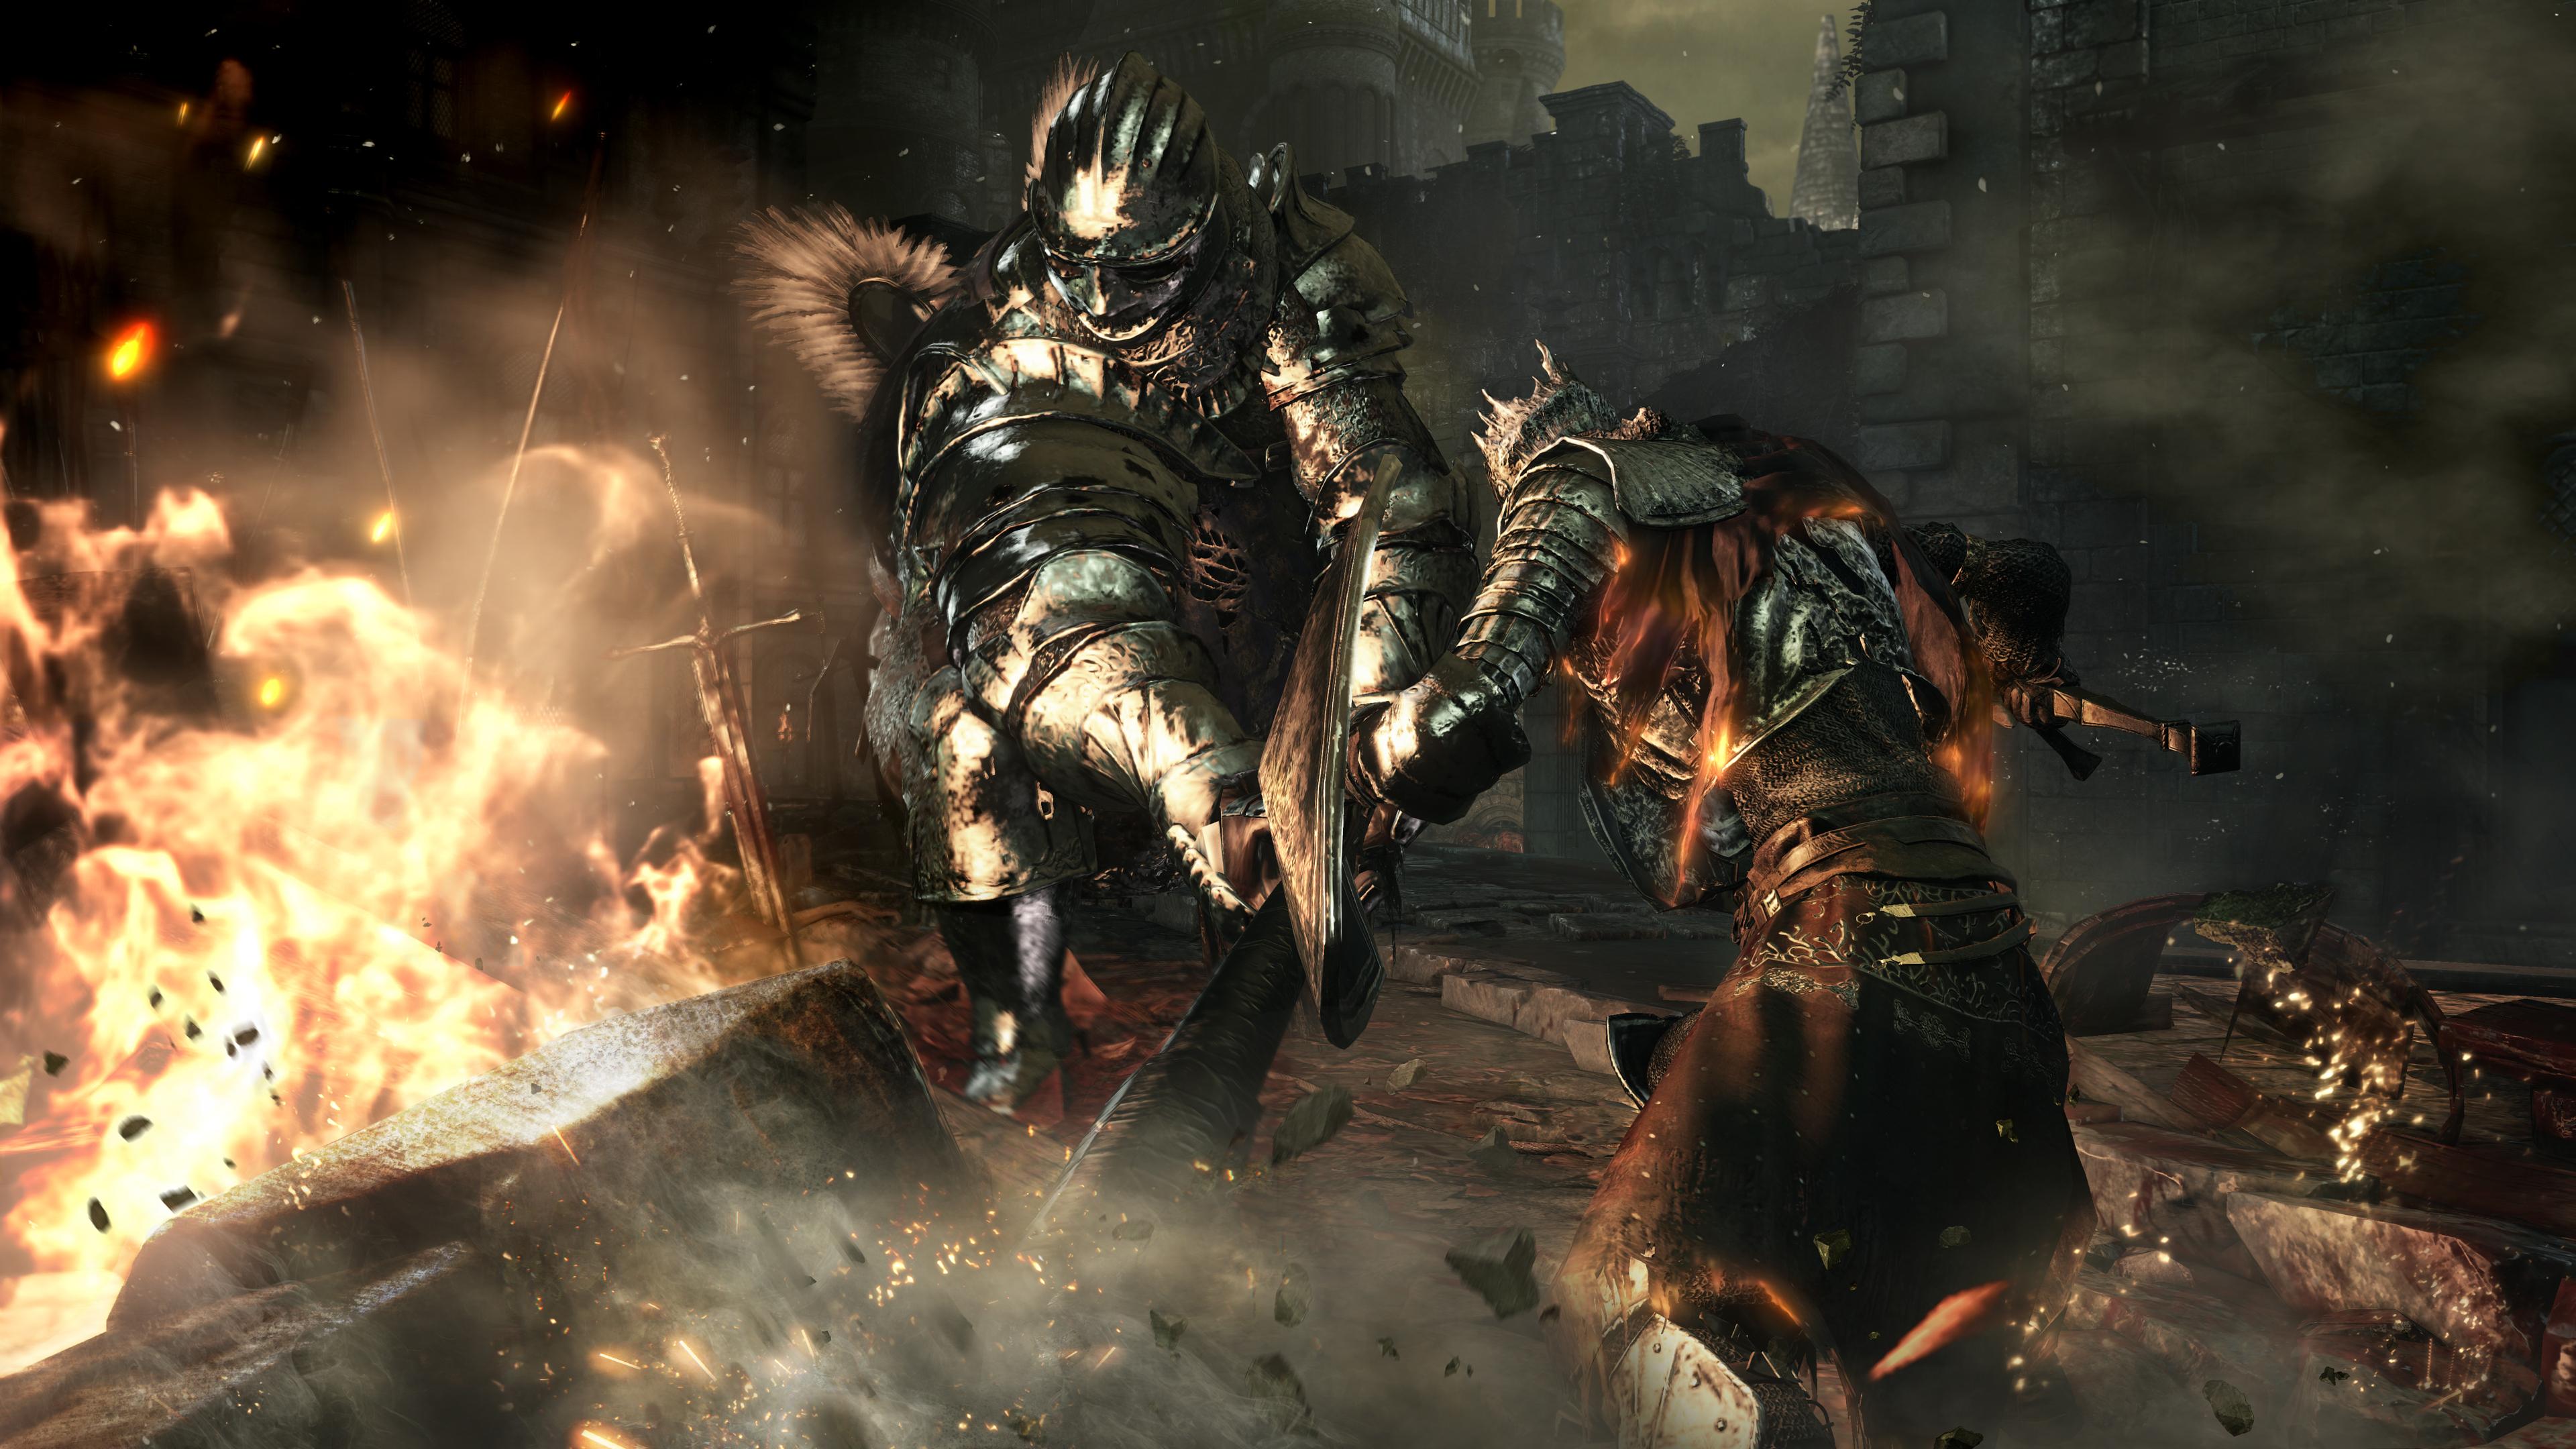 Wallpapers Dark Souls 3 - MaximumWall